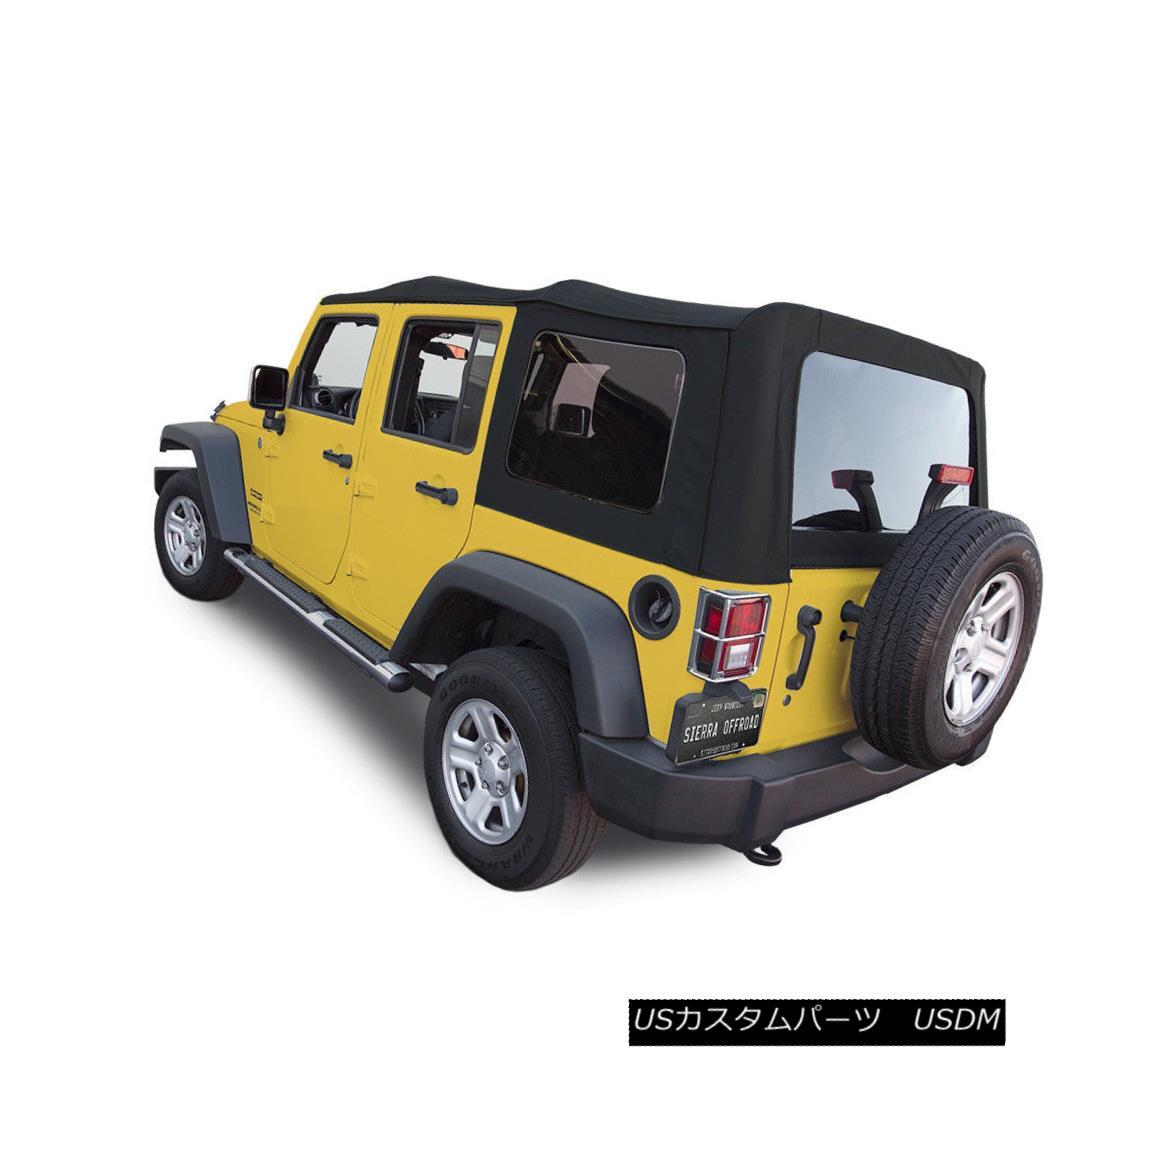 幌・ソフトトップ Jeep Wrangler 4DR JK Soft Top, 2007-09, Press Polish Windows, Black Canvas ジープラングラー4DR JKソフトトップ、2007-09、プレスポーランド語Windows、ブラックキャンバス